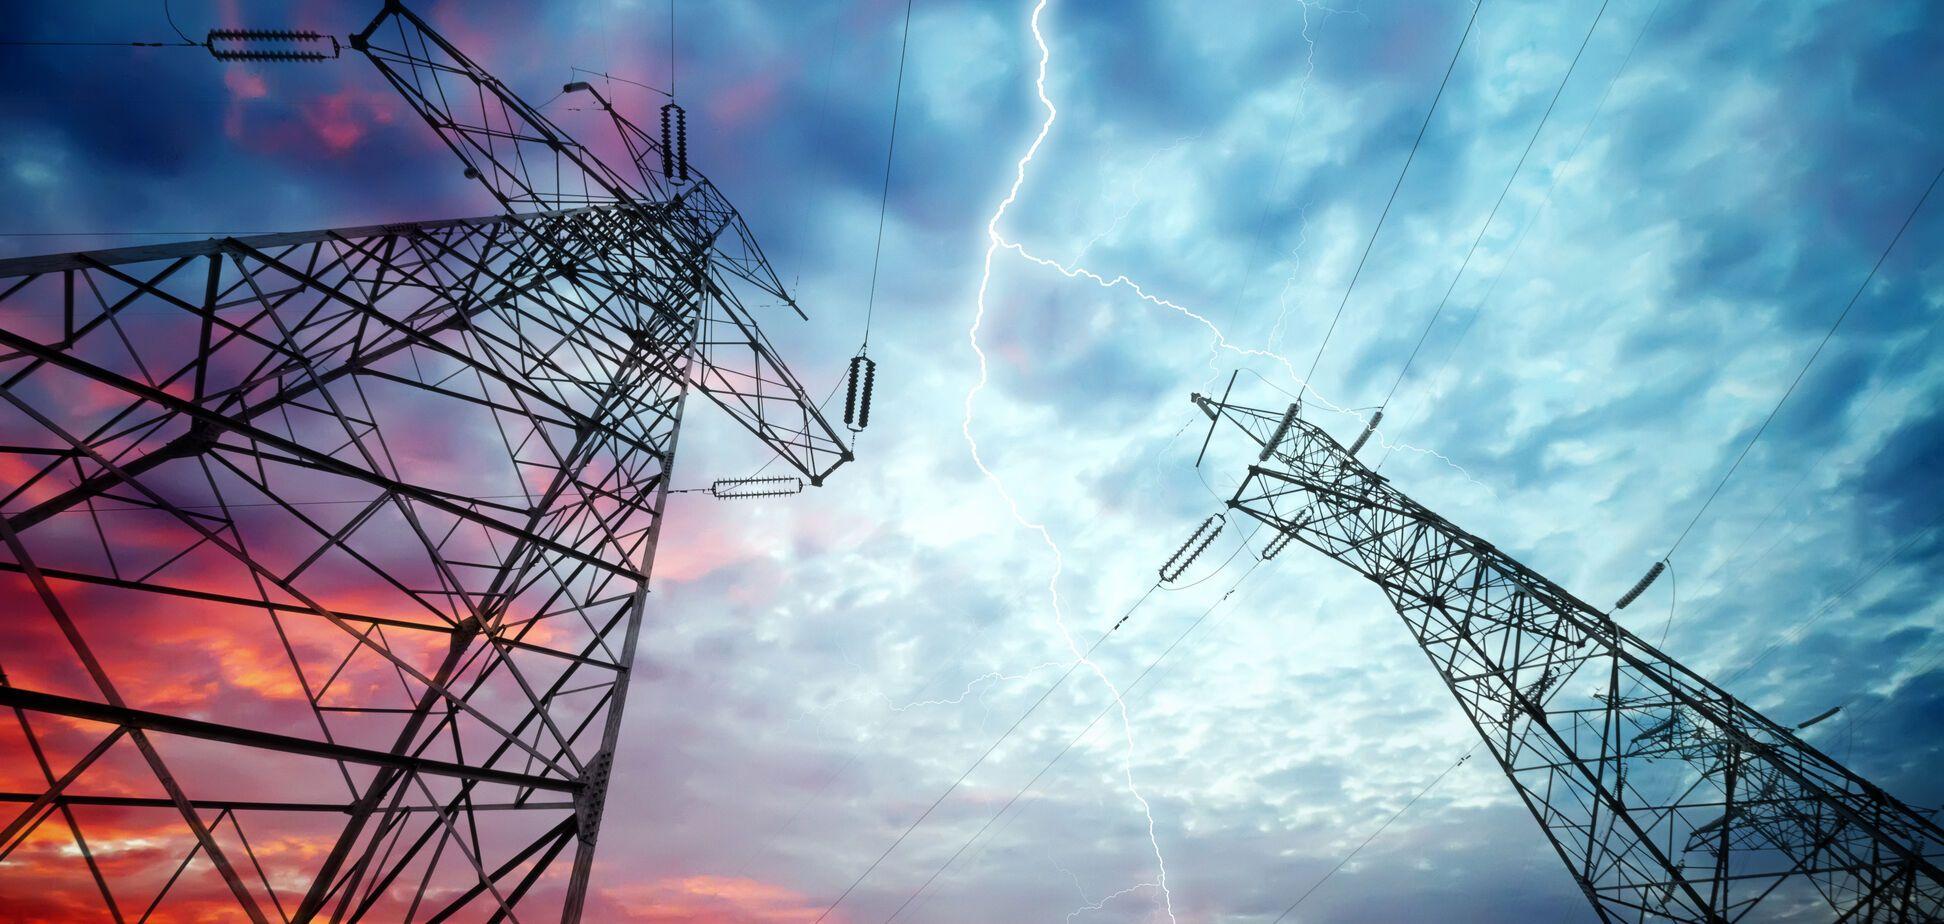 Необхідний план підвищення цін електроенергії для населення – Dixi